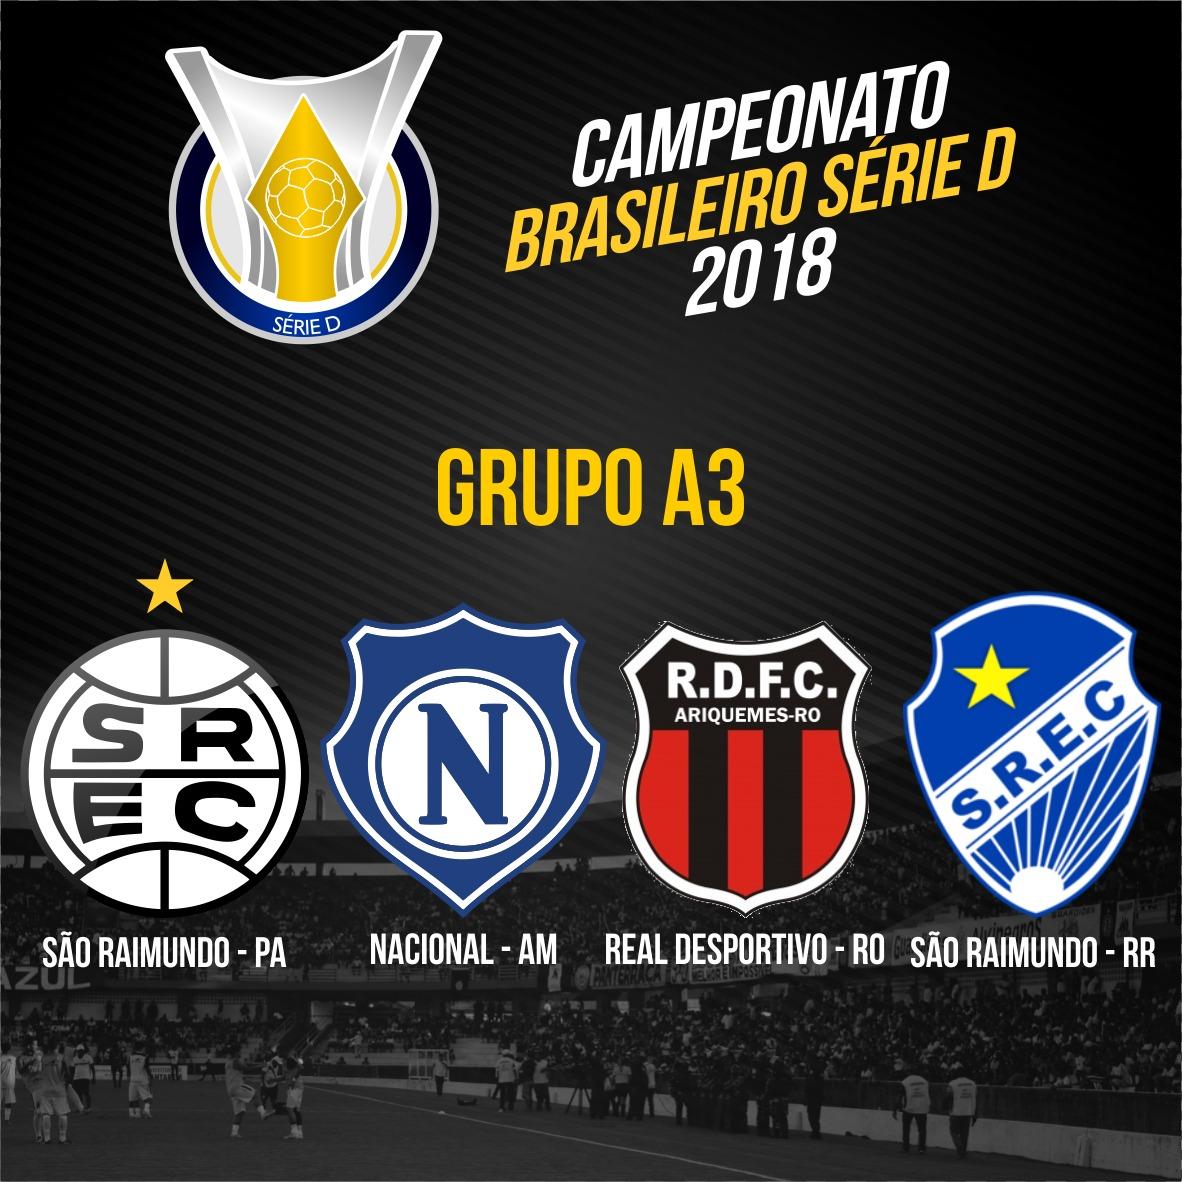 Jogos do São Raimundo no Campeonato Brasileiro Série D